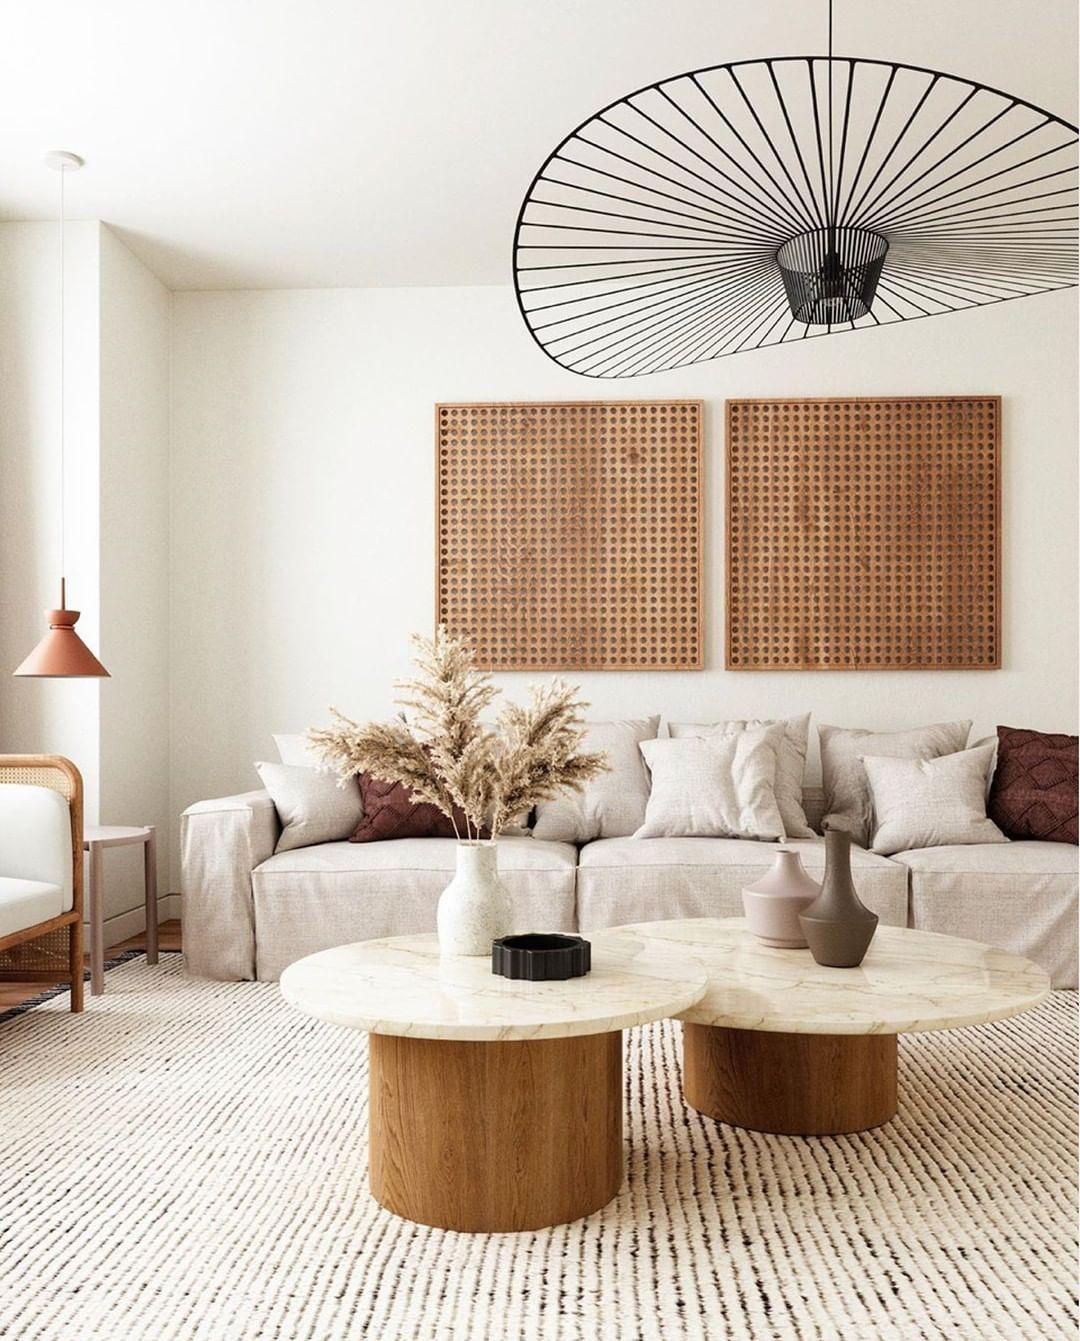 Mit Sanften Erdtonen Liegt Man Immer Richtig Ladet Eure Freunde Zu Westwing Ein Und Wir Schenken Euch In 2020 Home Living Room Interior Design Interior